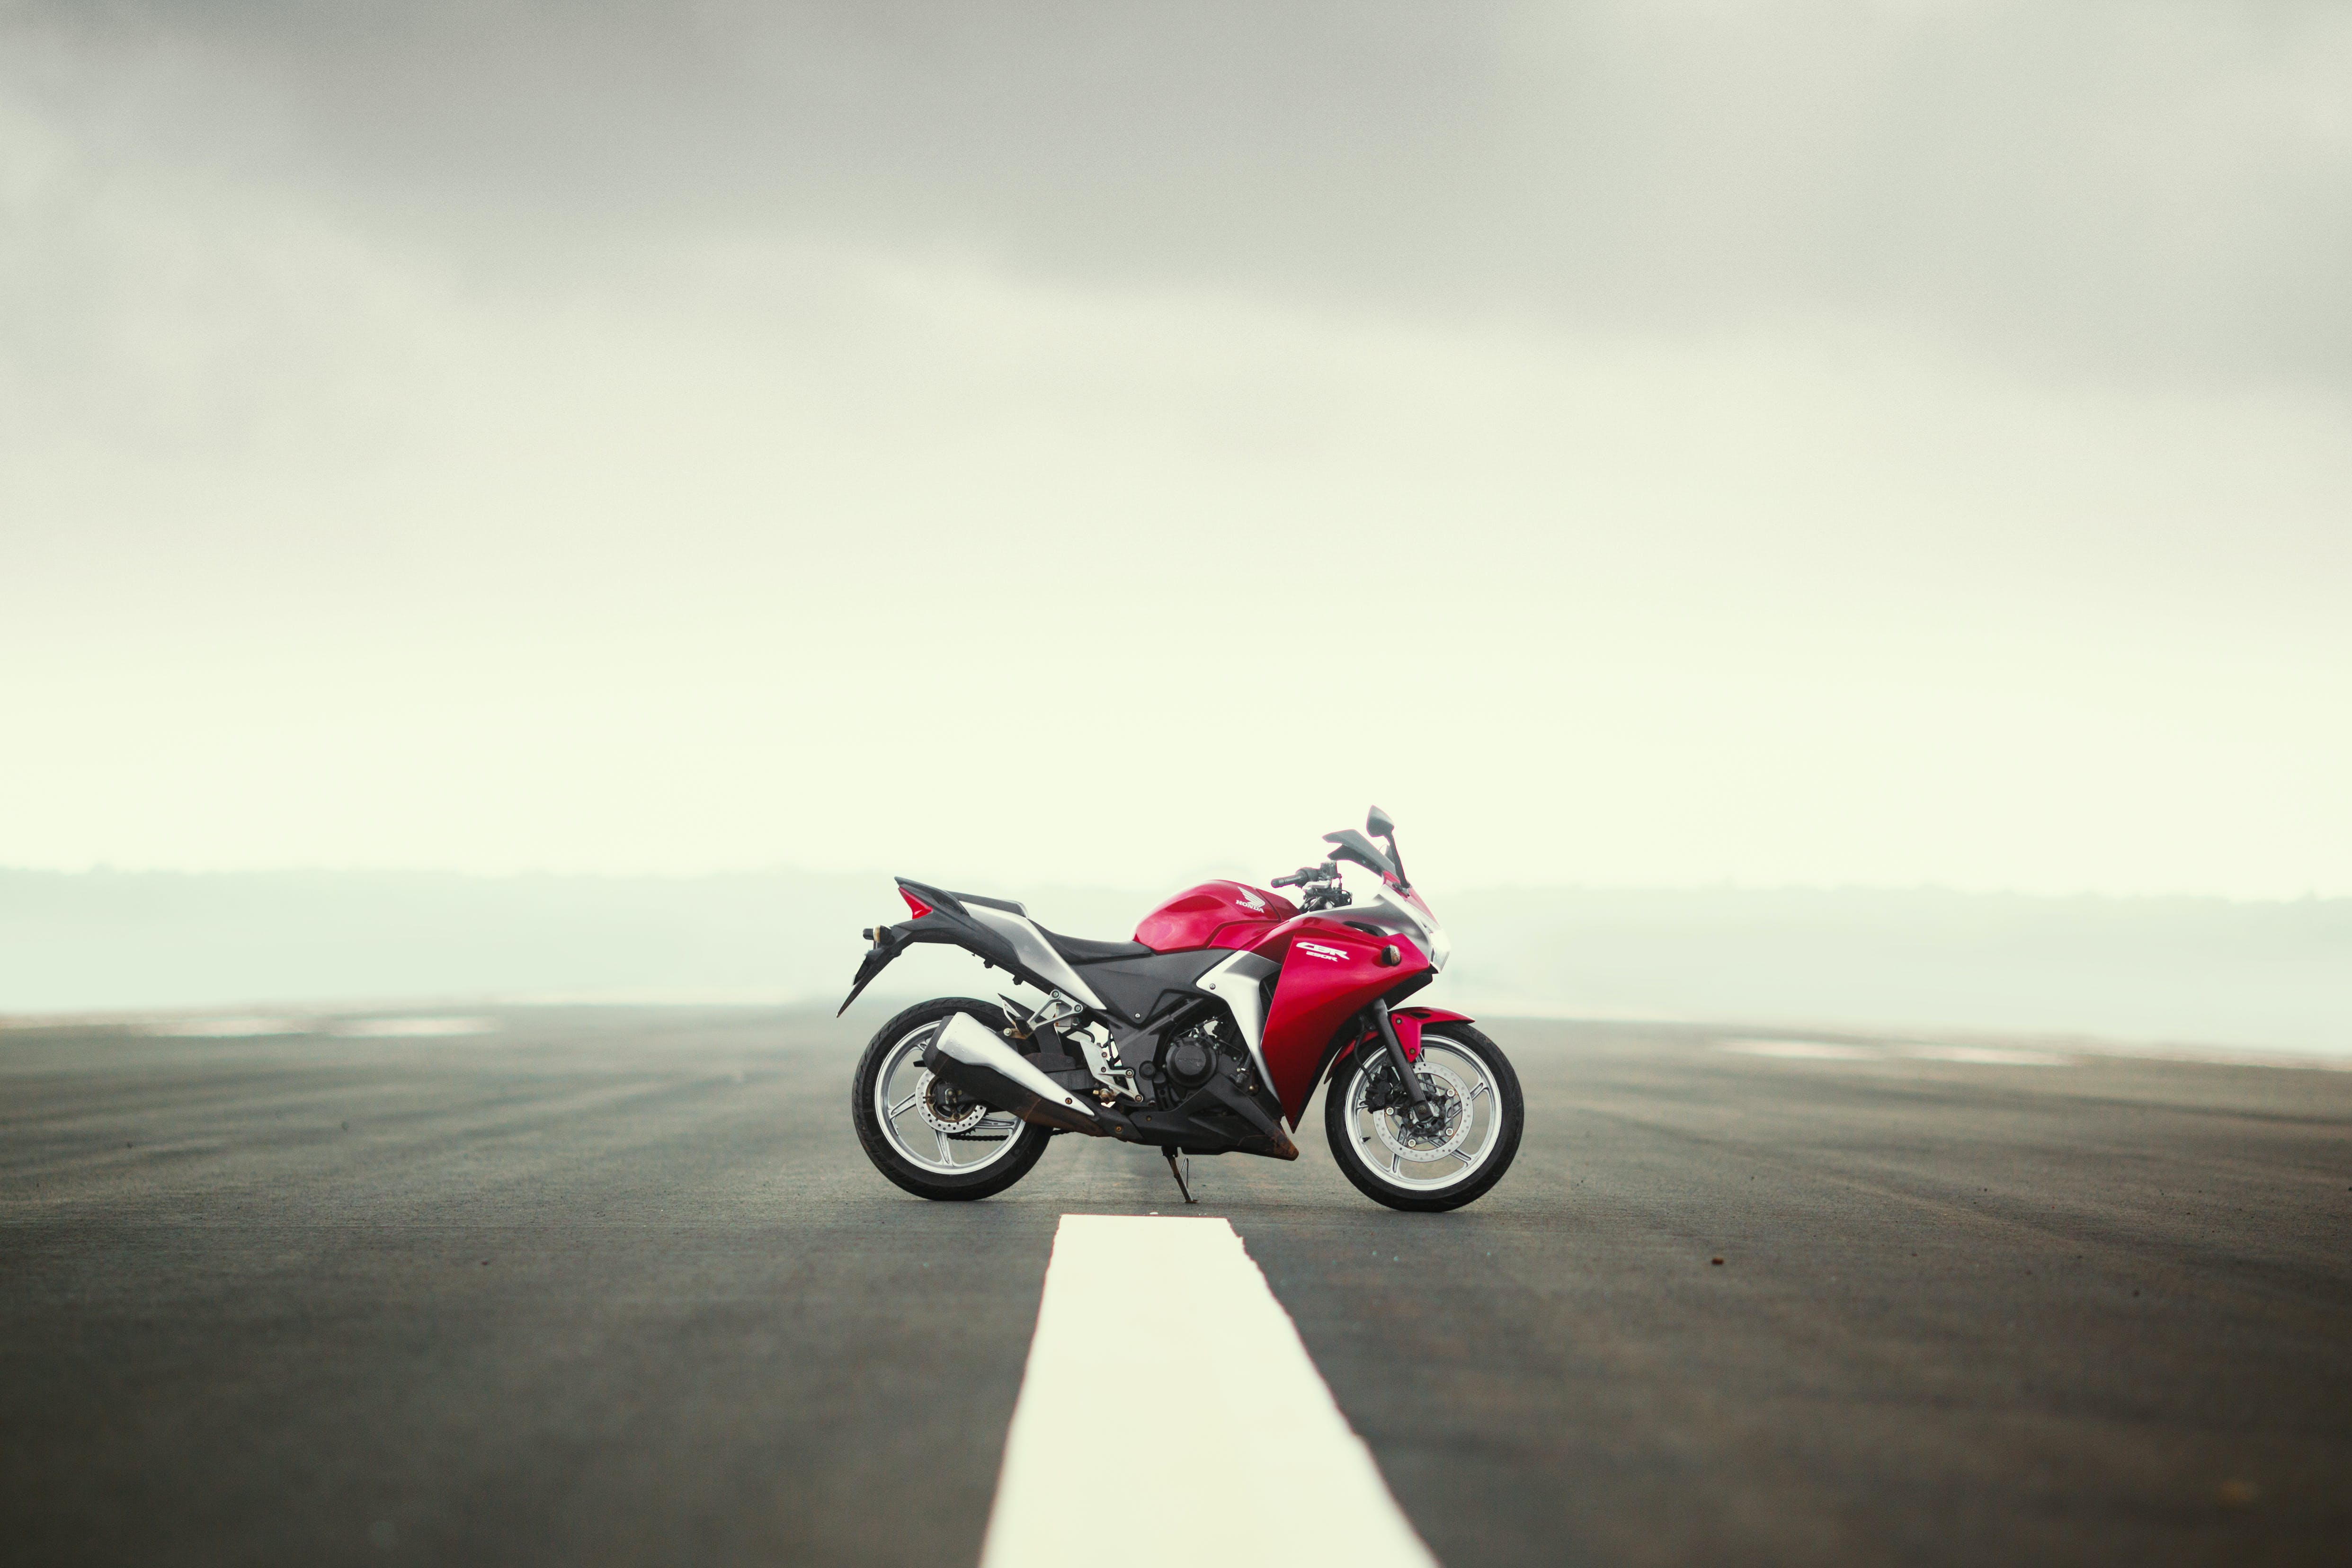 Gratis lagerfoto af bil, honda, landingsbane, motorcykel